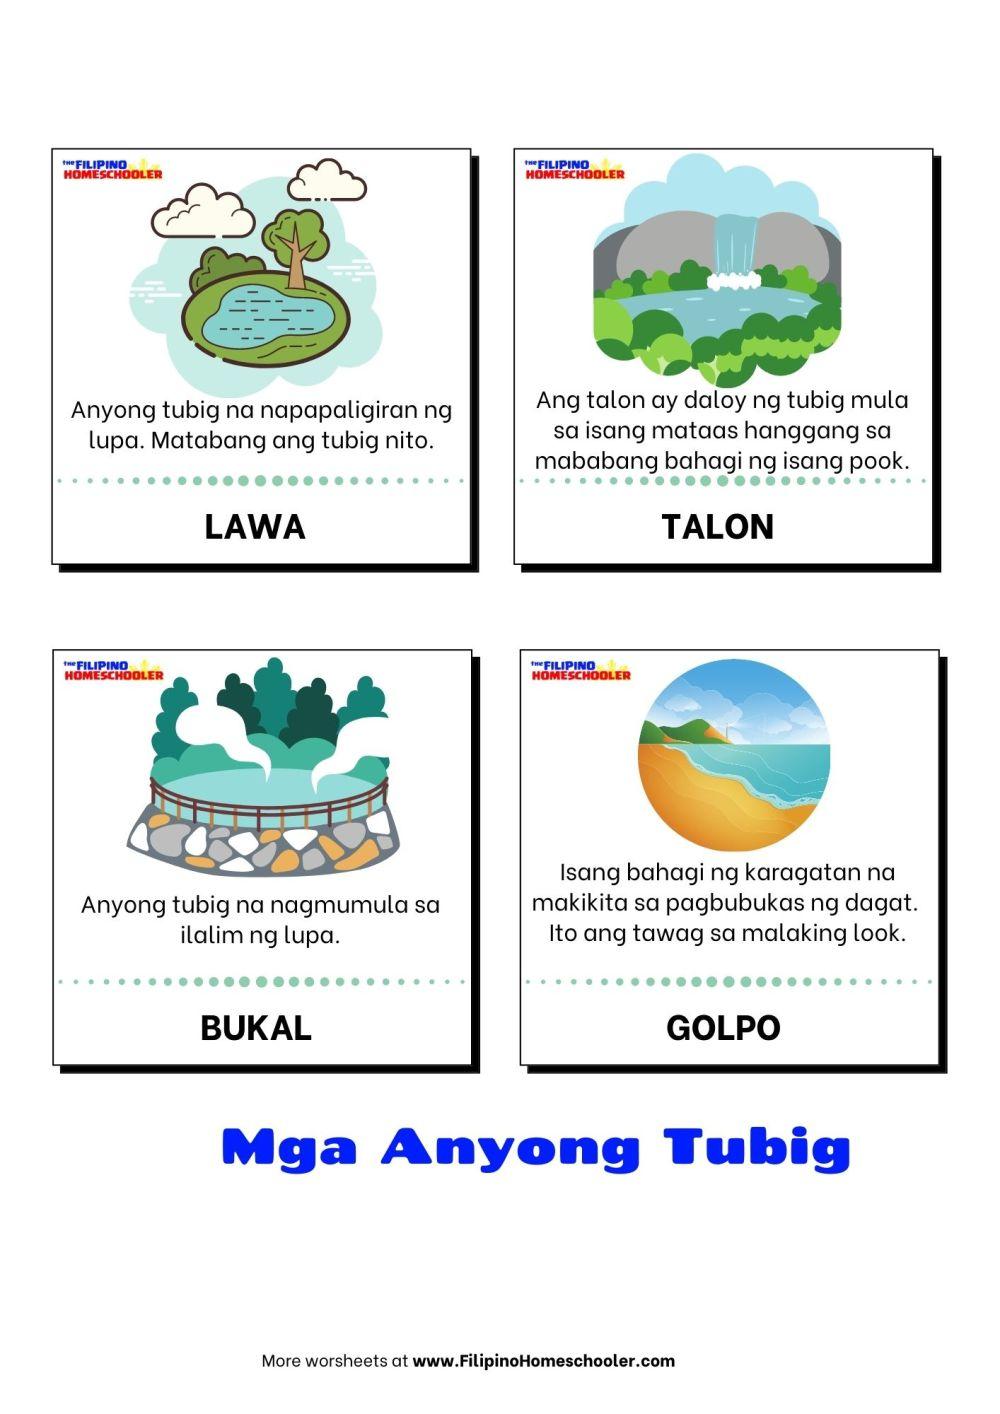 medium resolution of Anyong Tubig at mga Halimbawa — The Filipino Homeschooler